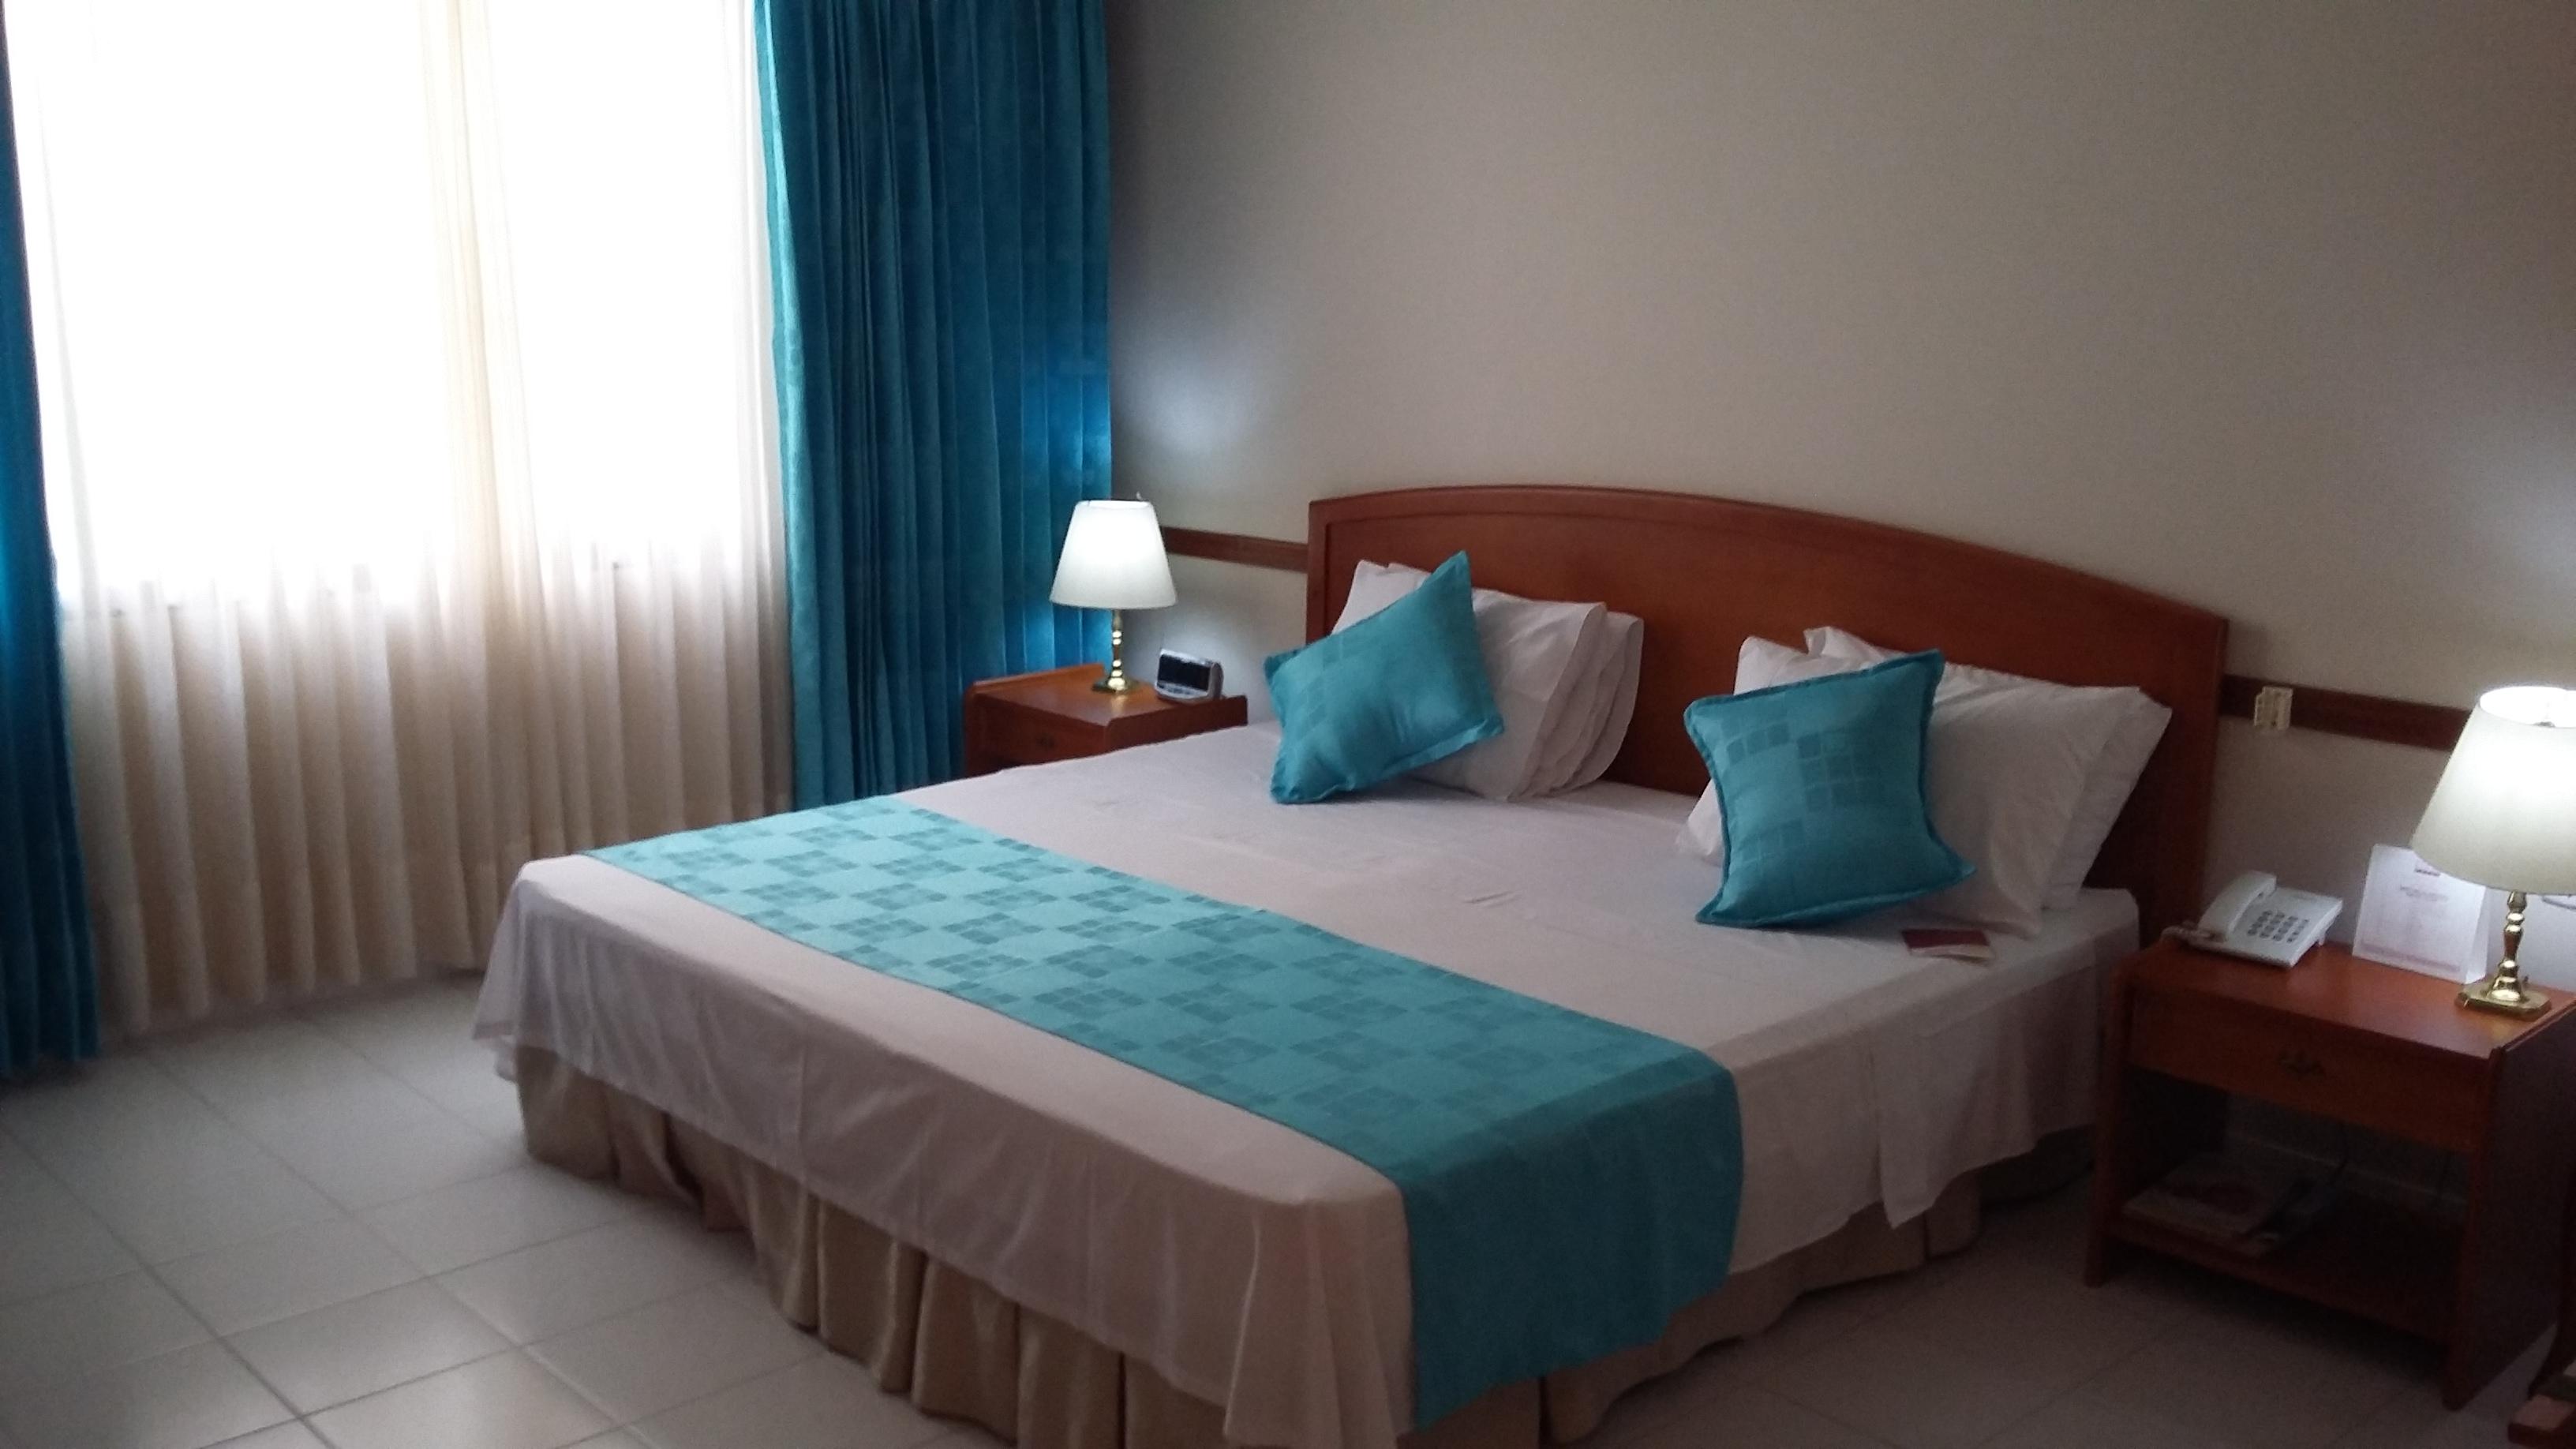 Habitaci n doble hotel en tulu hotel pr ncipe for Habitacion doble